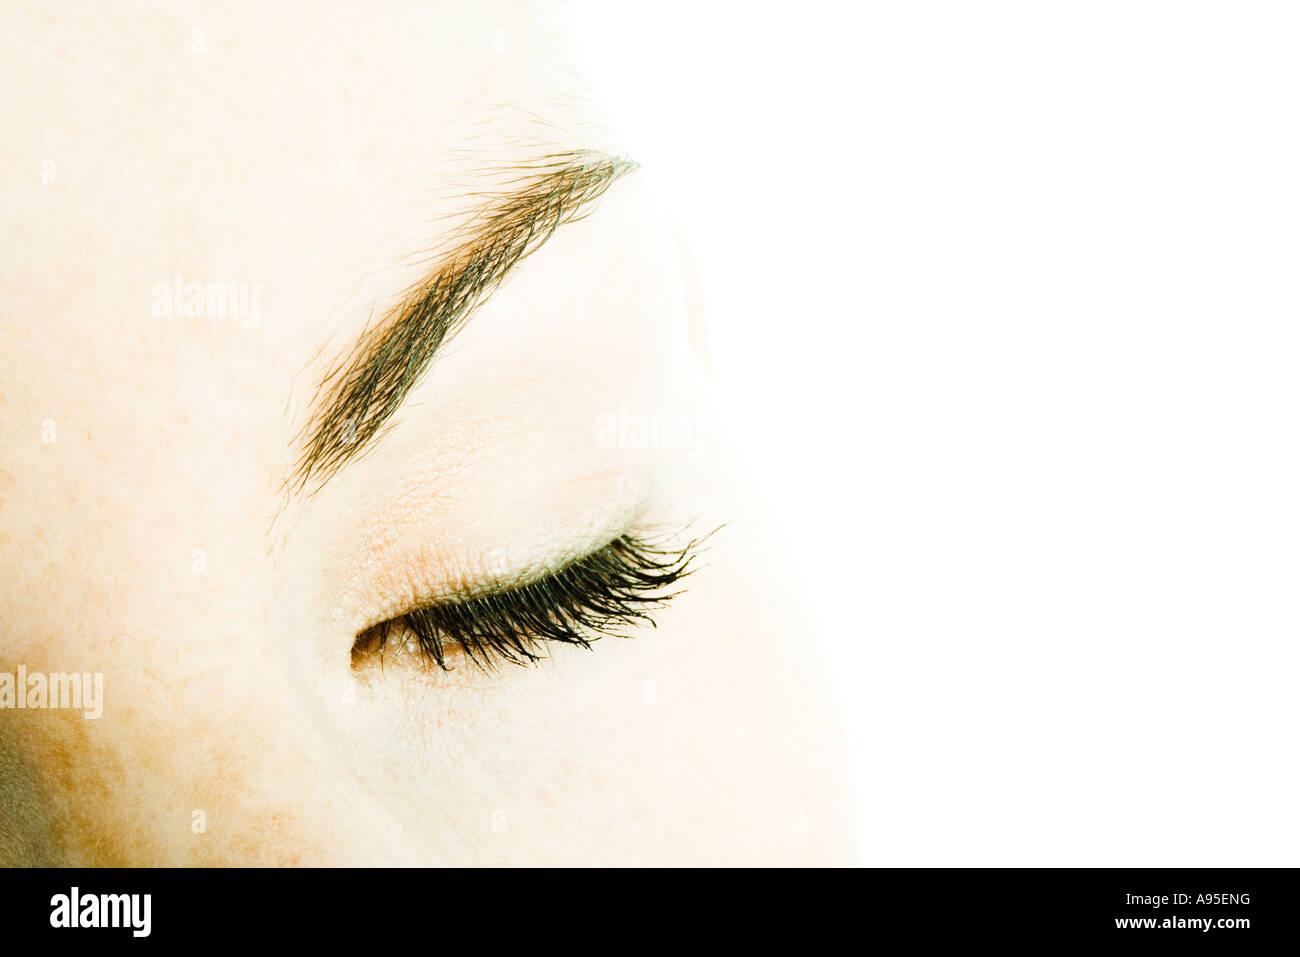 Female's closed eye - Stock Image